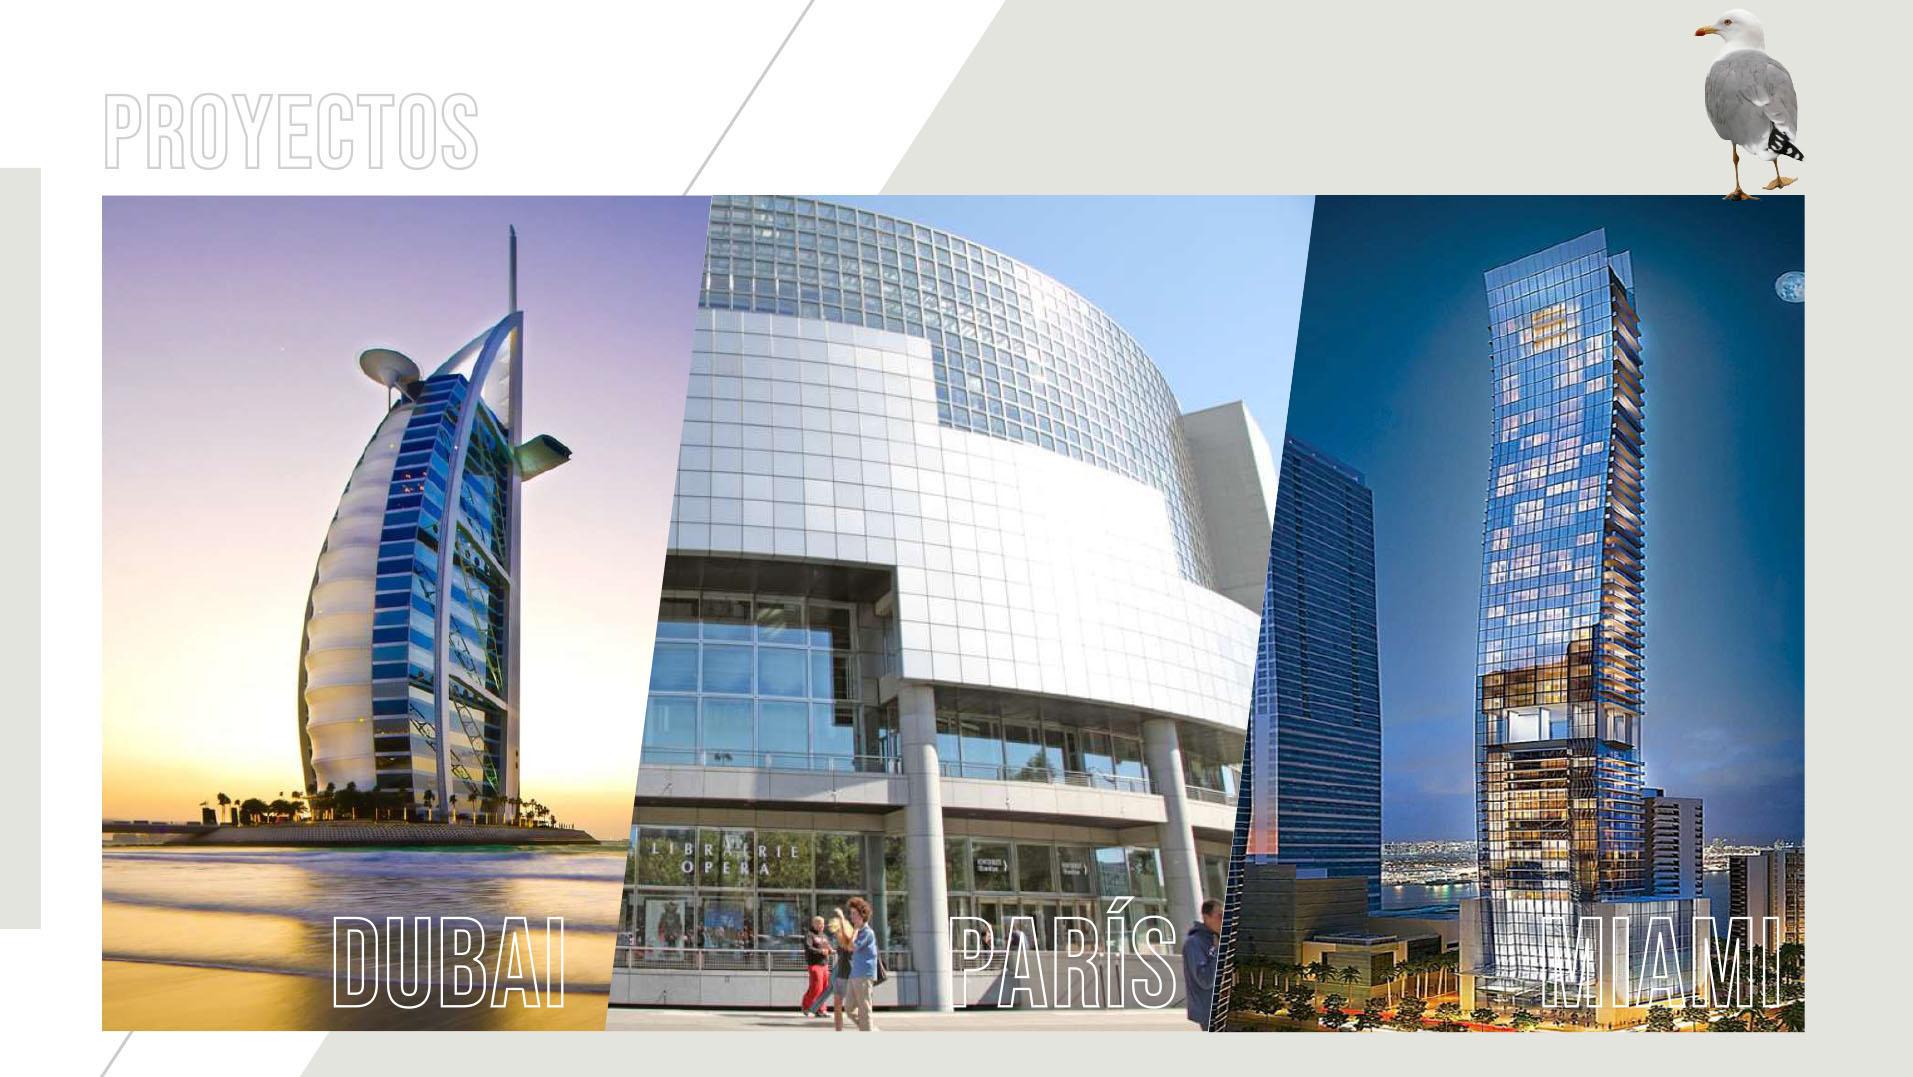 Dubái, París y Miami son algunos de los destinos en los que el arquitecto Carlos Ott diseñó emprendimientos inmobiliarios. Es autor de numerosos y destacados proyectos arquitectónicos en varios países del mundo. Se hizo famoso por ganar, entre más de setecientos proyectos, el concurso internacional para construir el edificio de la Ópera de la Bastilla de París